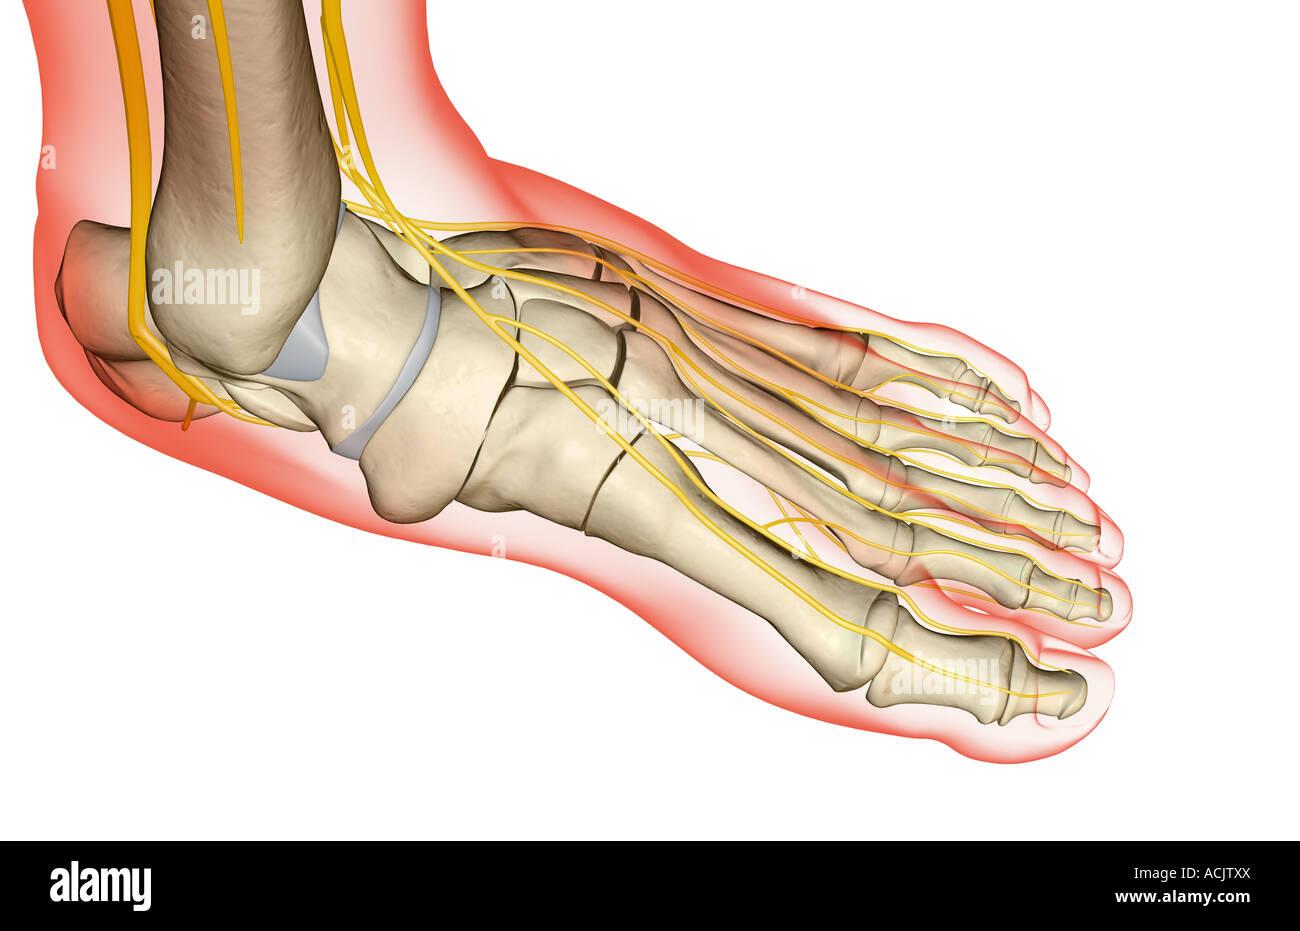 Die Nerven des Fußes Stockfoto, Bild: 13173313 - Alamy